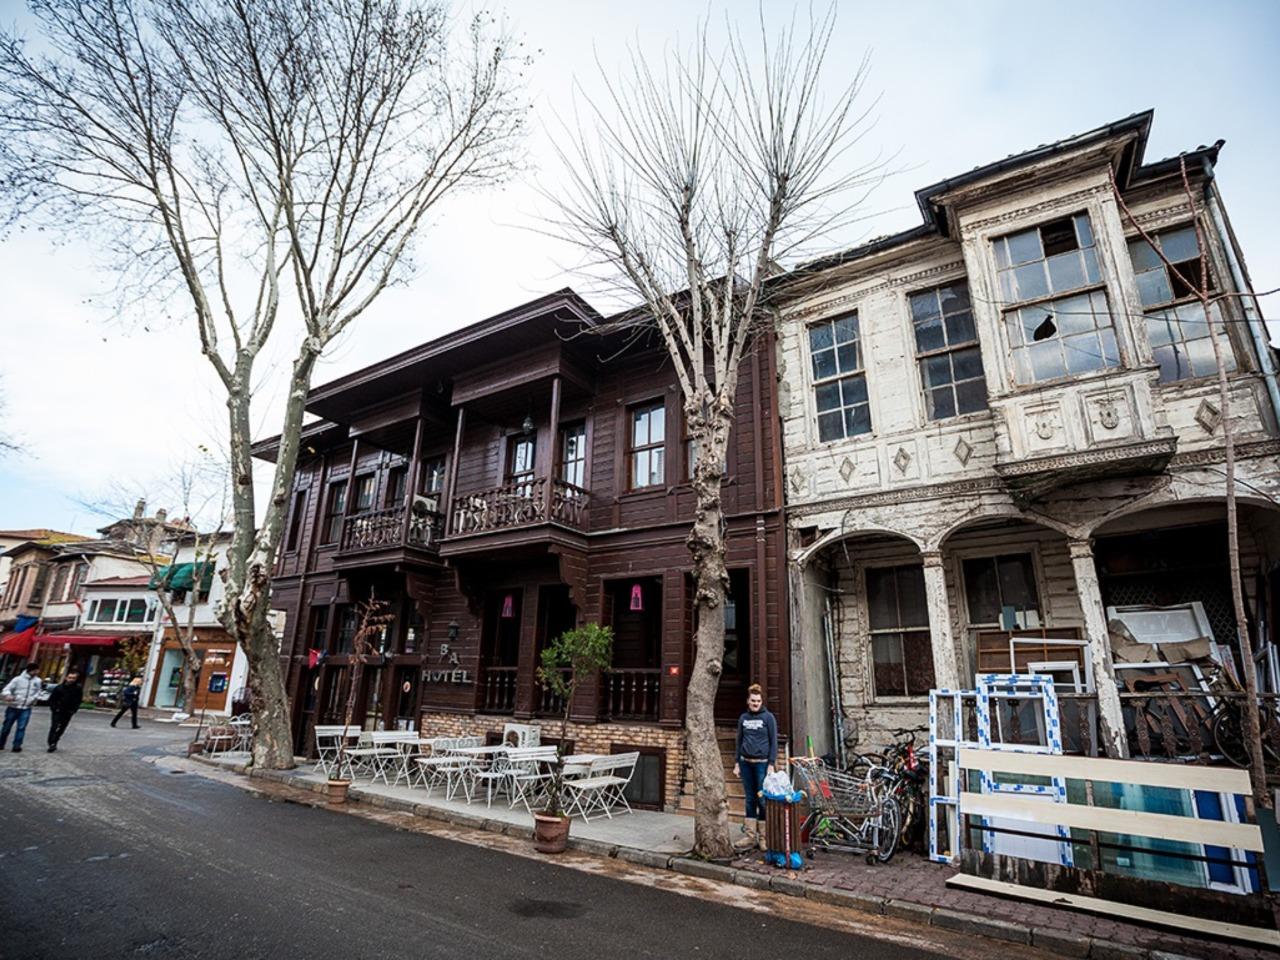 Принцевы острова  - индивидуальная экскурсия в Стамбуле от опытного гида